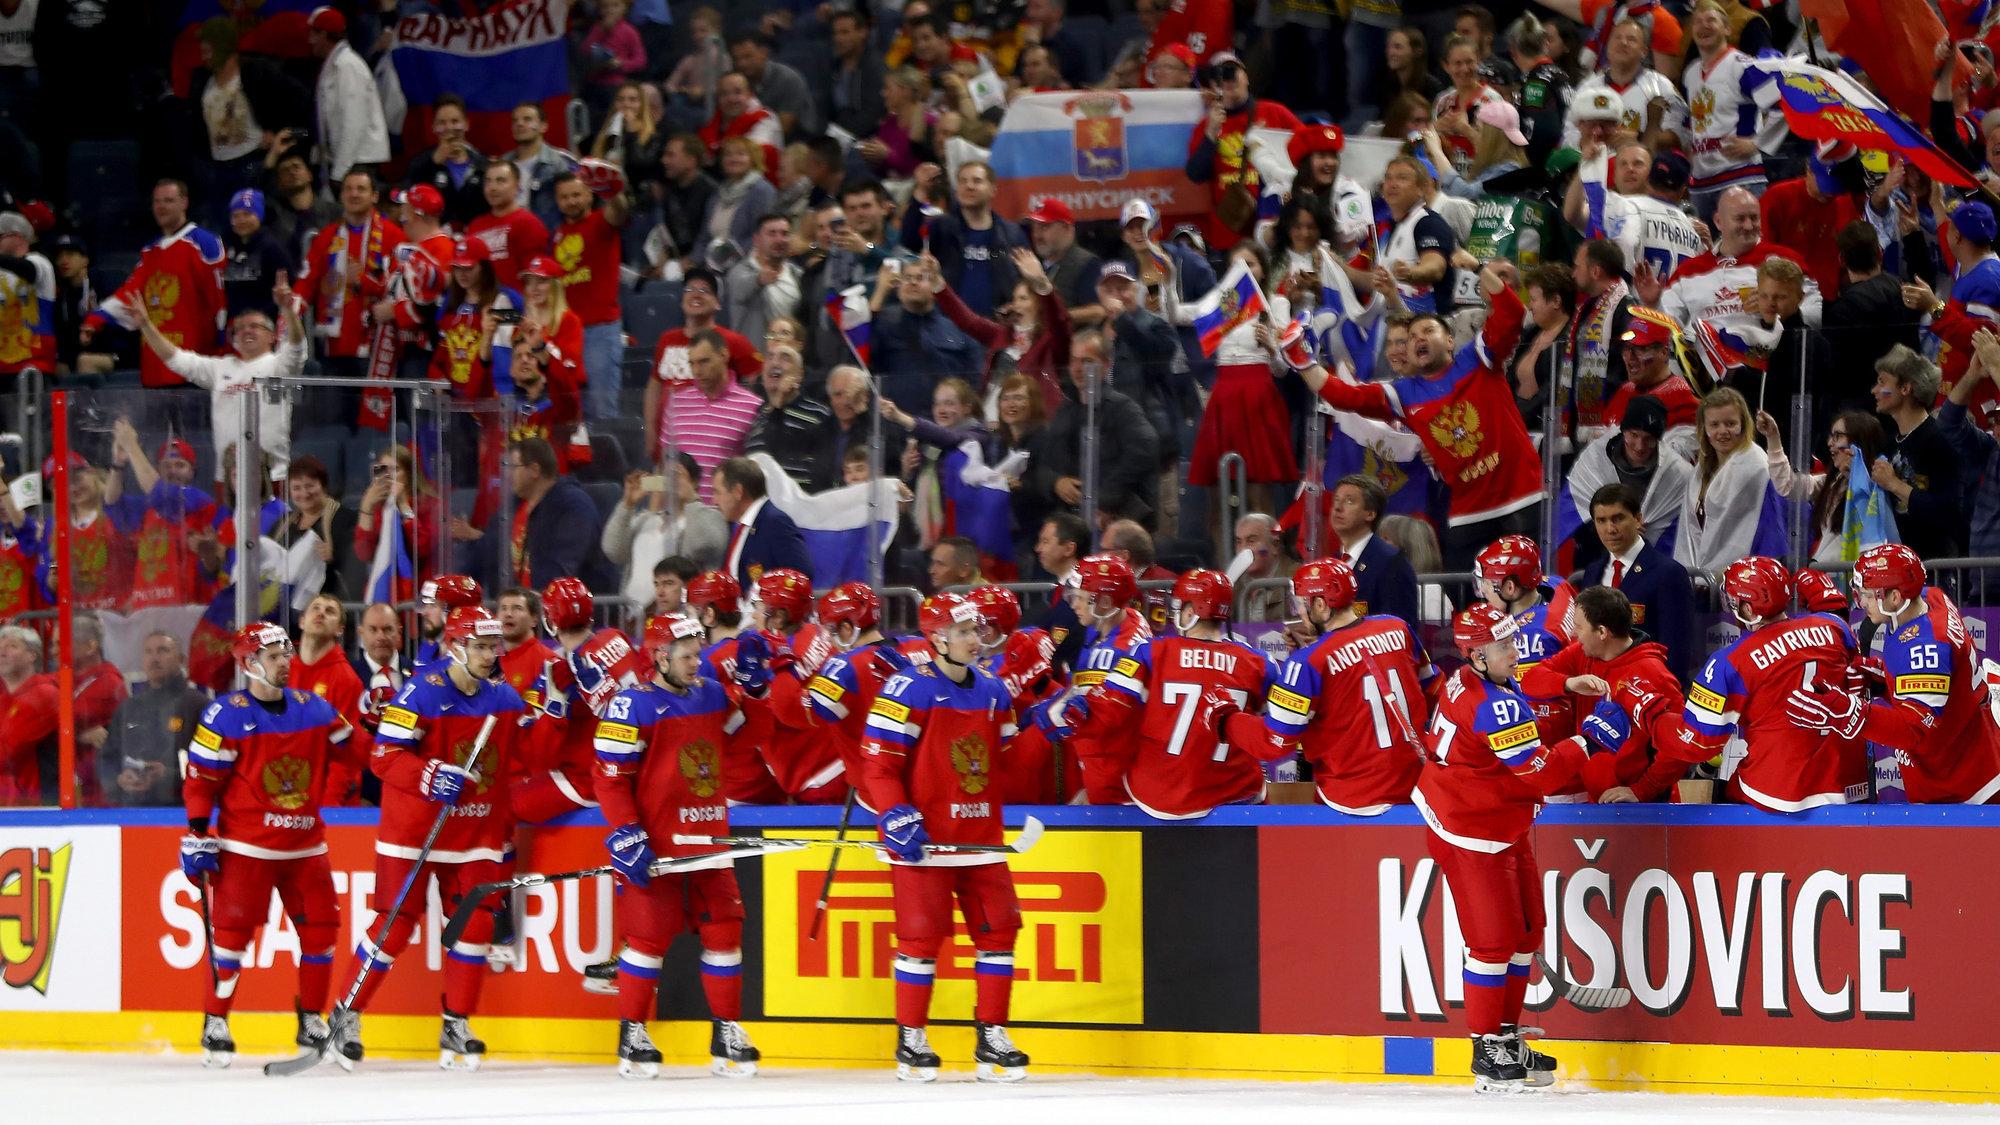 Когда играют сборная россии по хоккею 2018 где